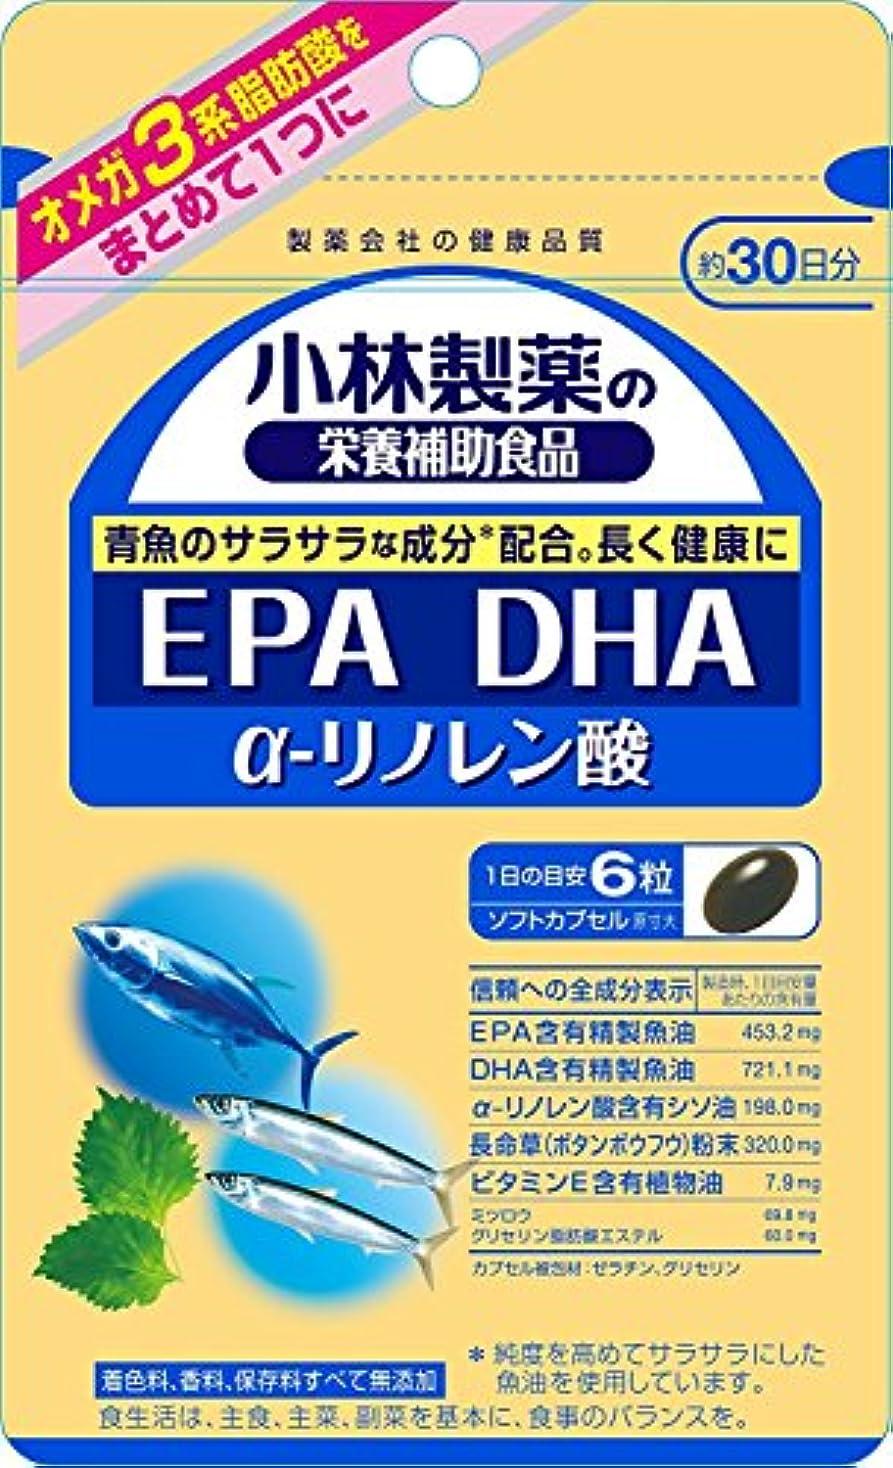 認知爆発するコメンテーター小林製薬の栄養補助食品 EPA DHA α-リノレン酸 約30日分 180粒×3個